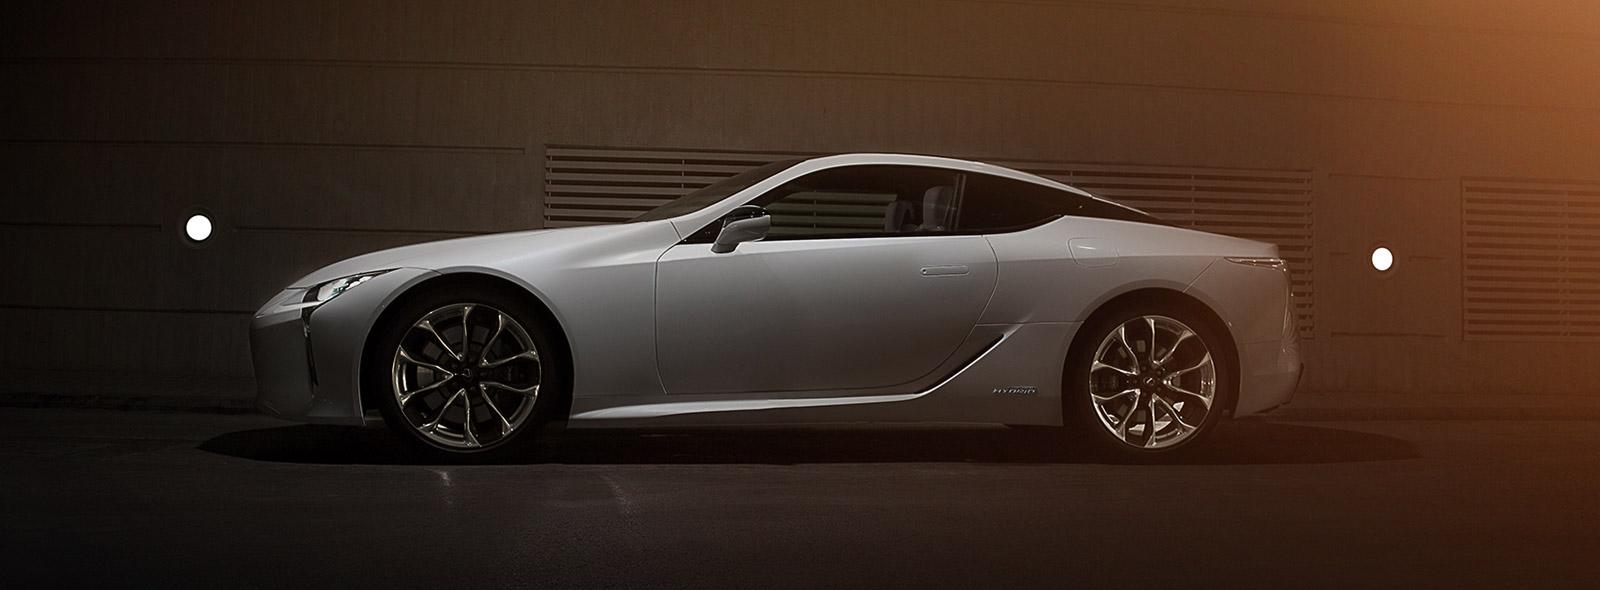 2017 Lexus LC 500h Geneva Gallery 01